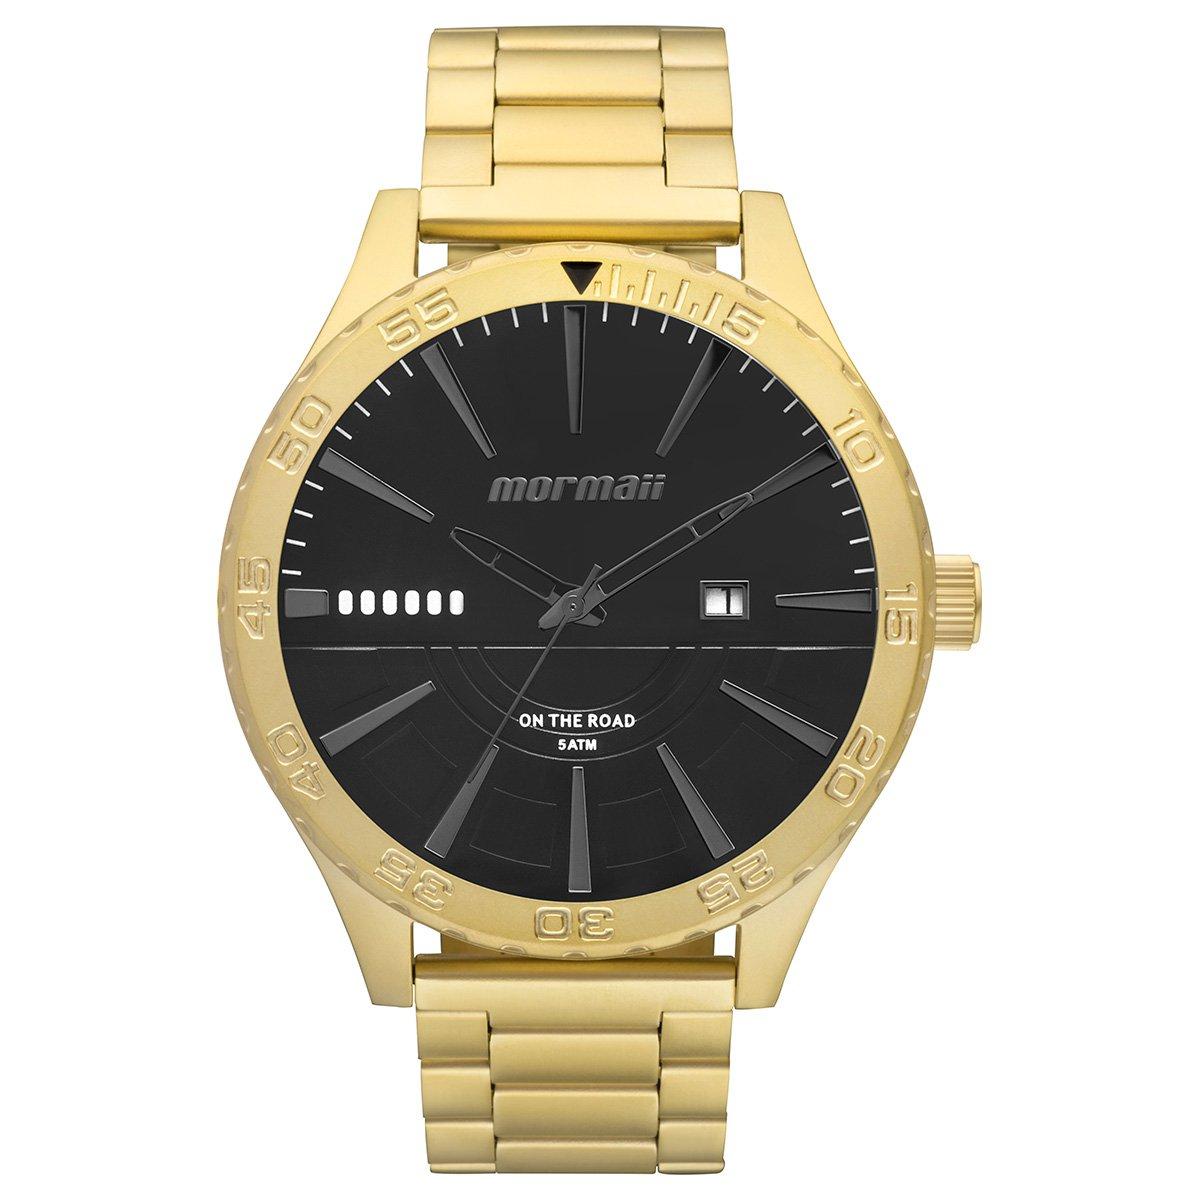 a5198eb6f9b Relógio Mormaii Analógico Mo2115Ay-4P Masculino - Compre Agora ...